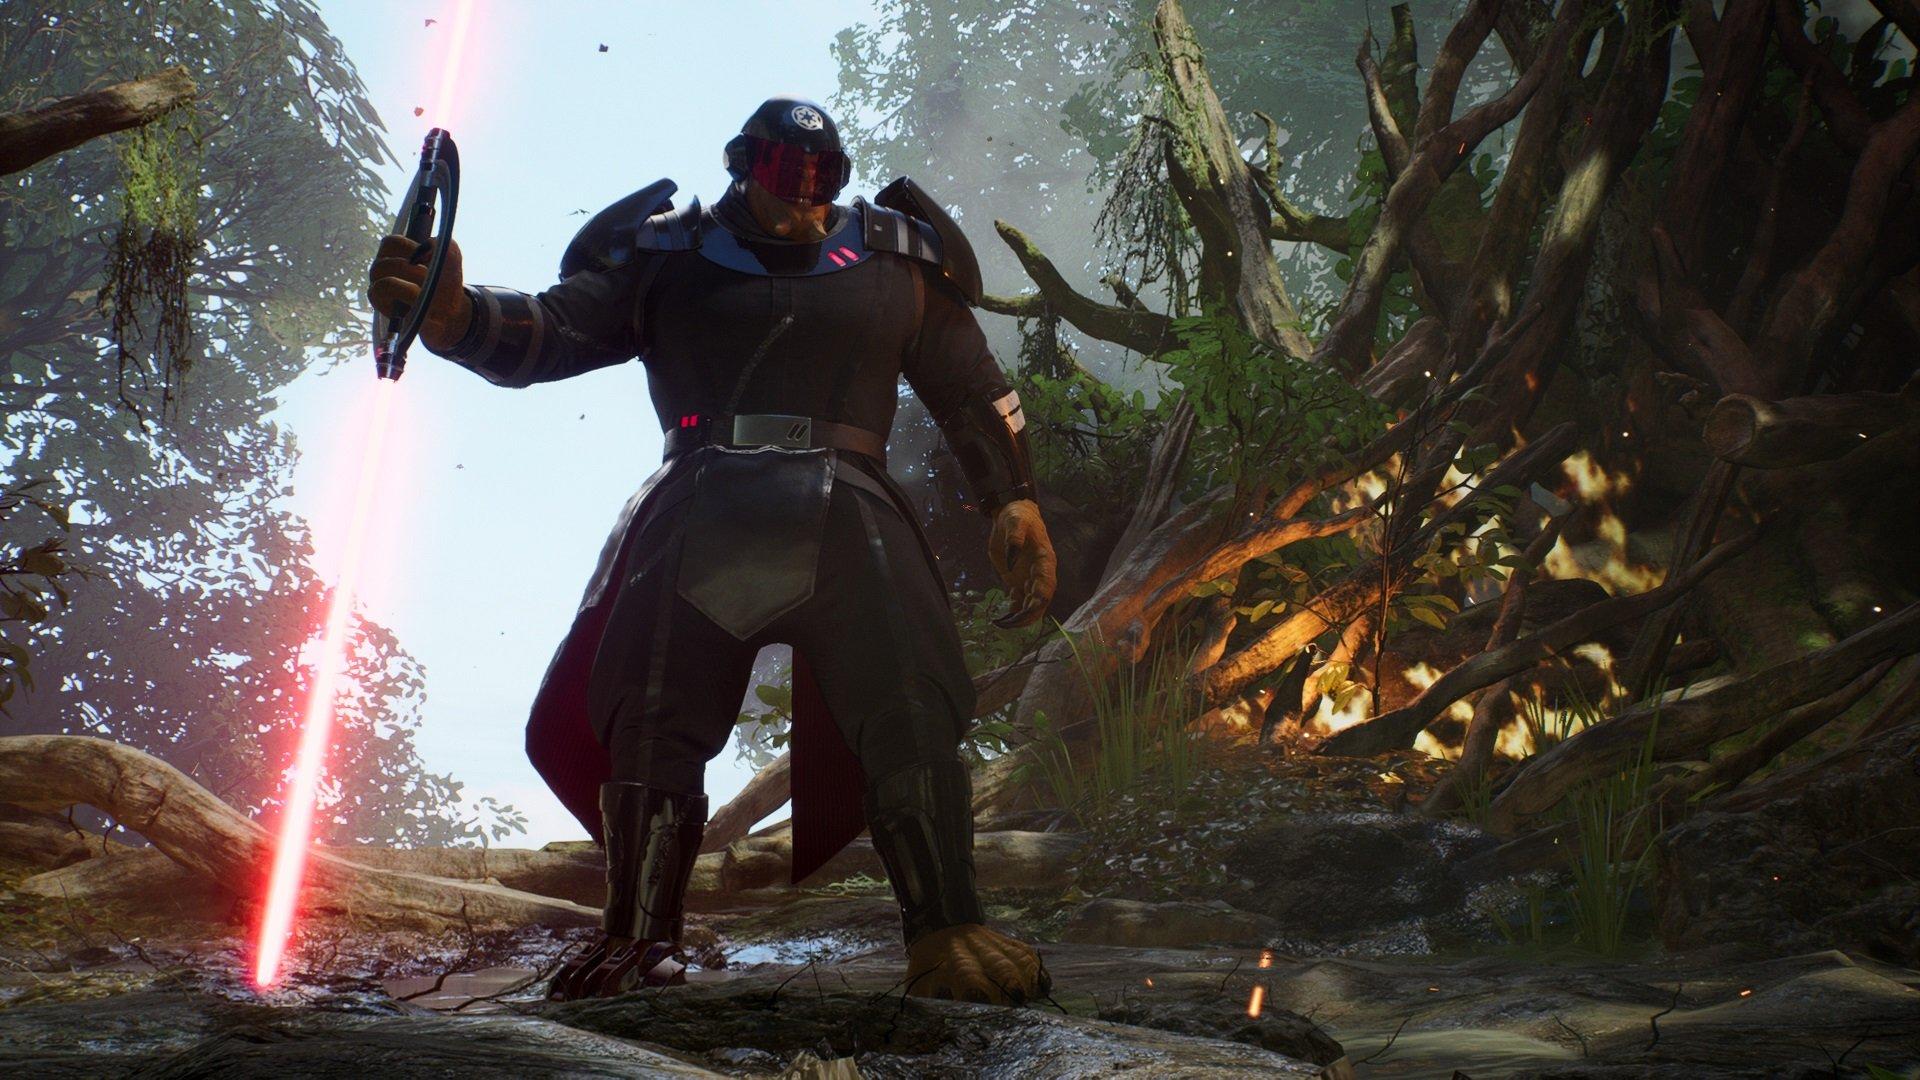 Star Wars Jedi: Fallen Order launch screens